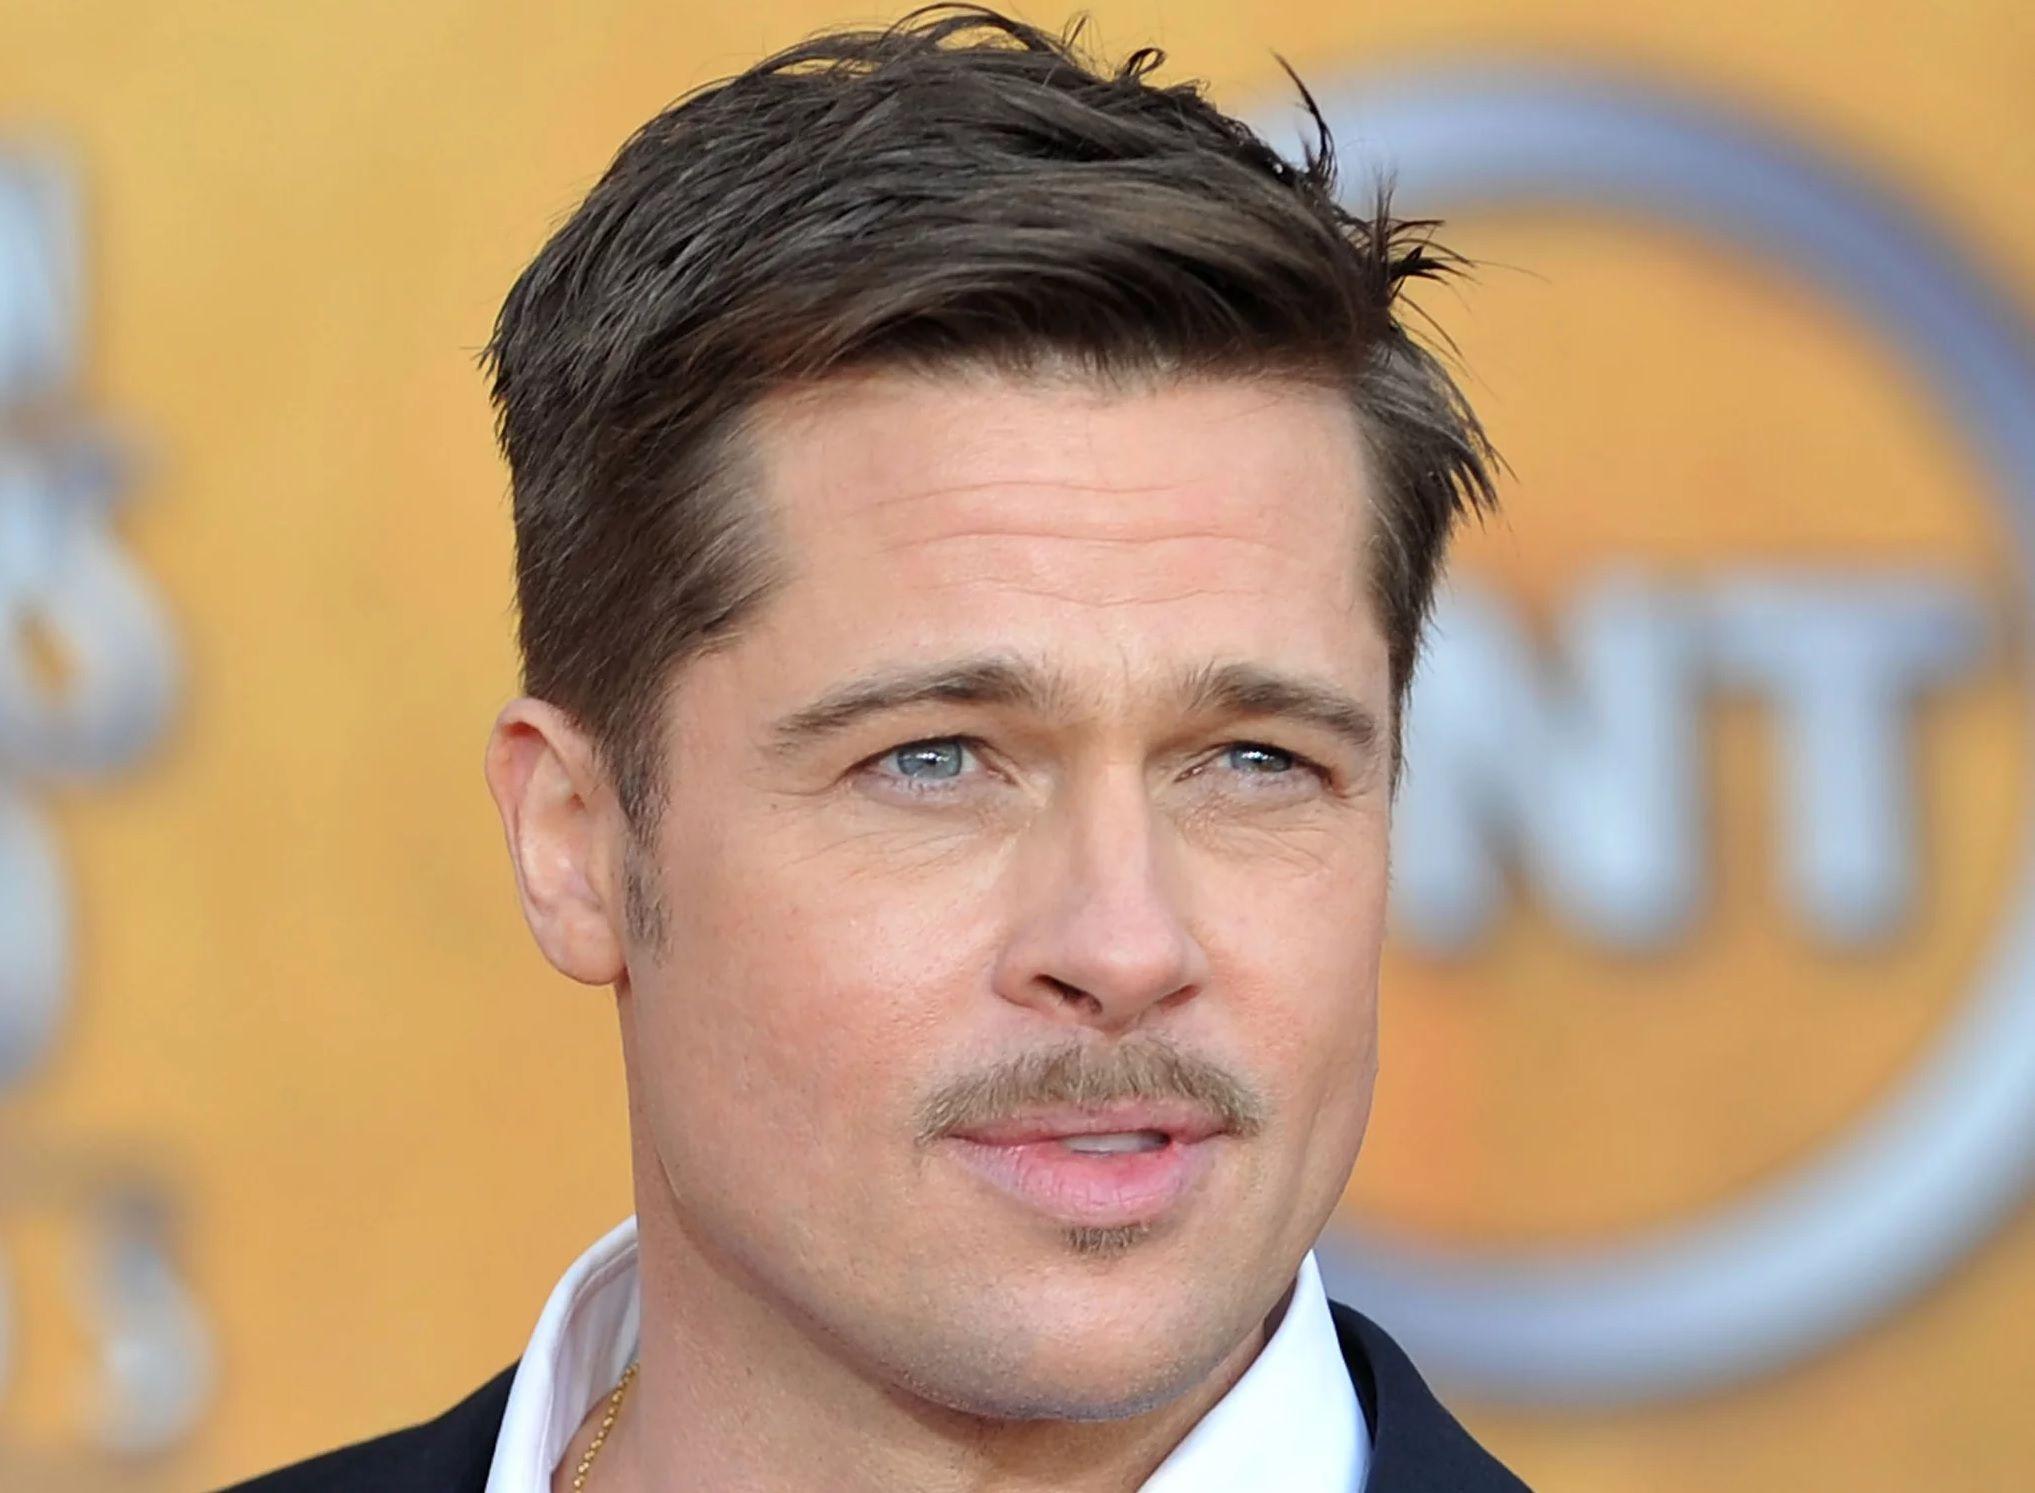 Sapete resistere al fascino dell'uomo con i baffi?